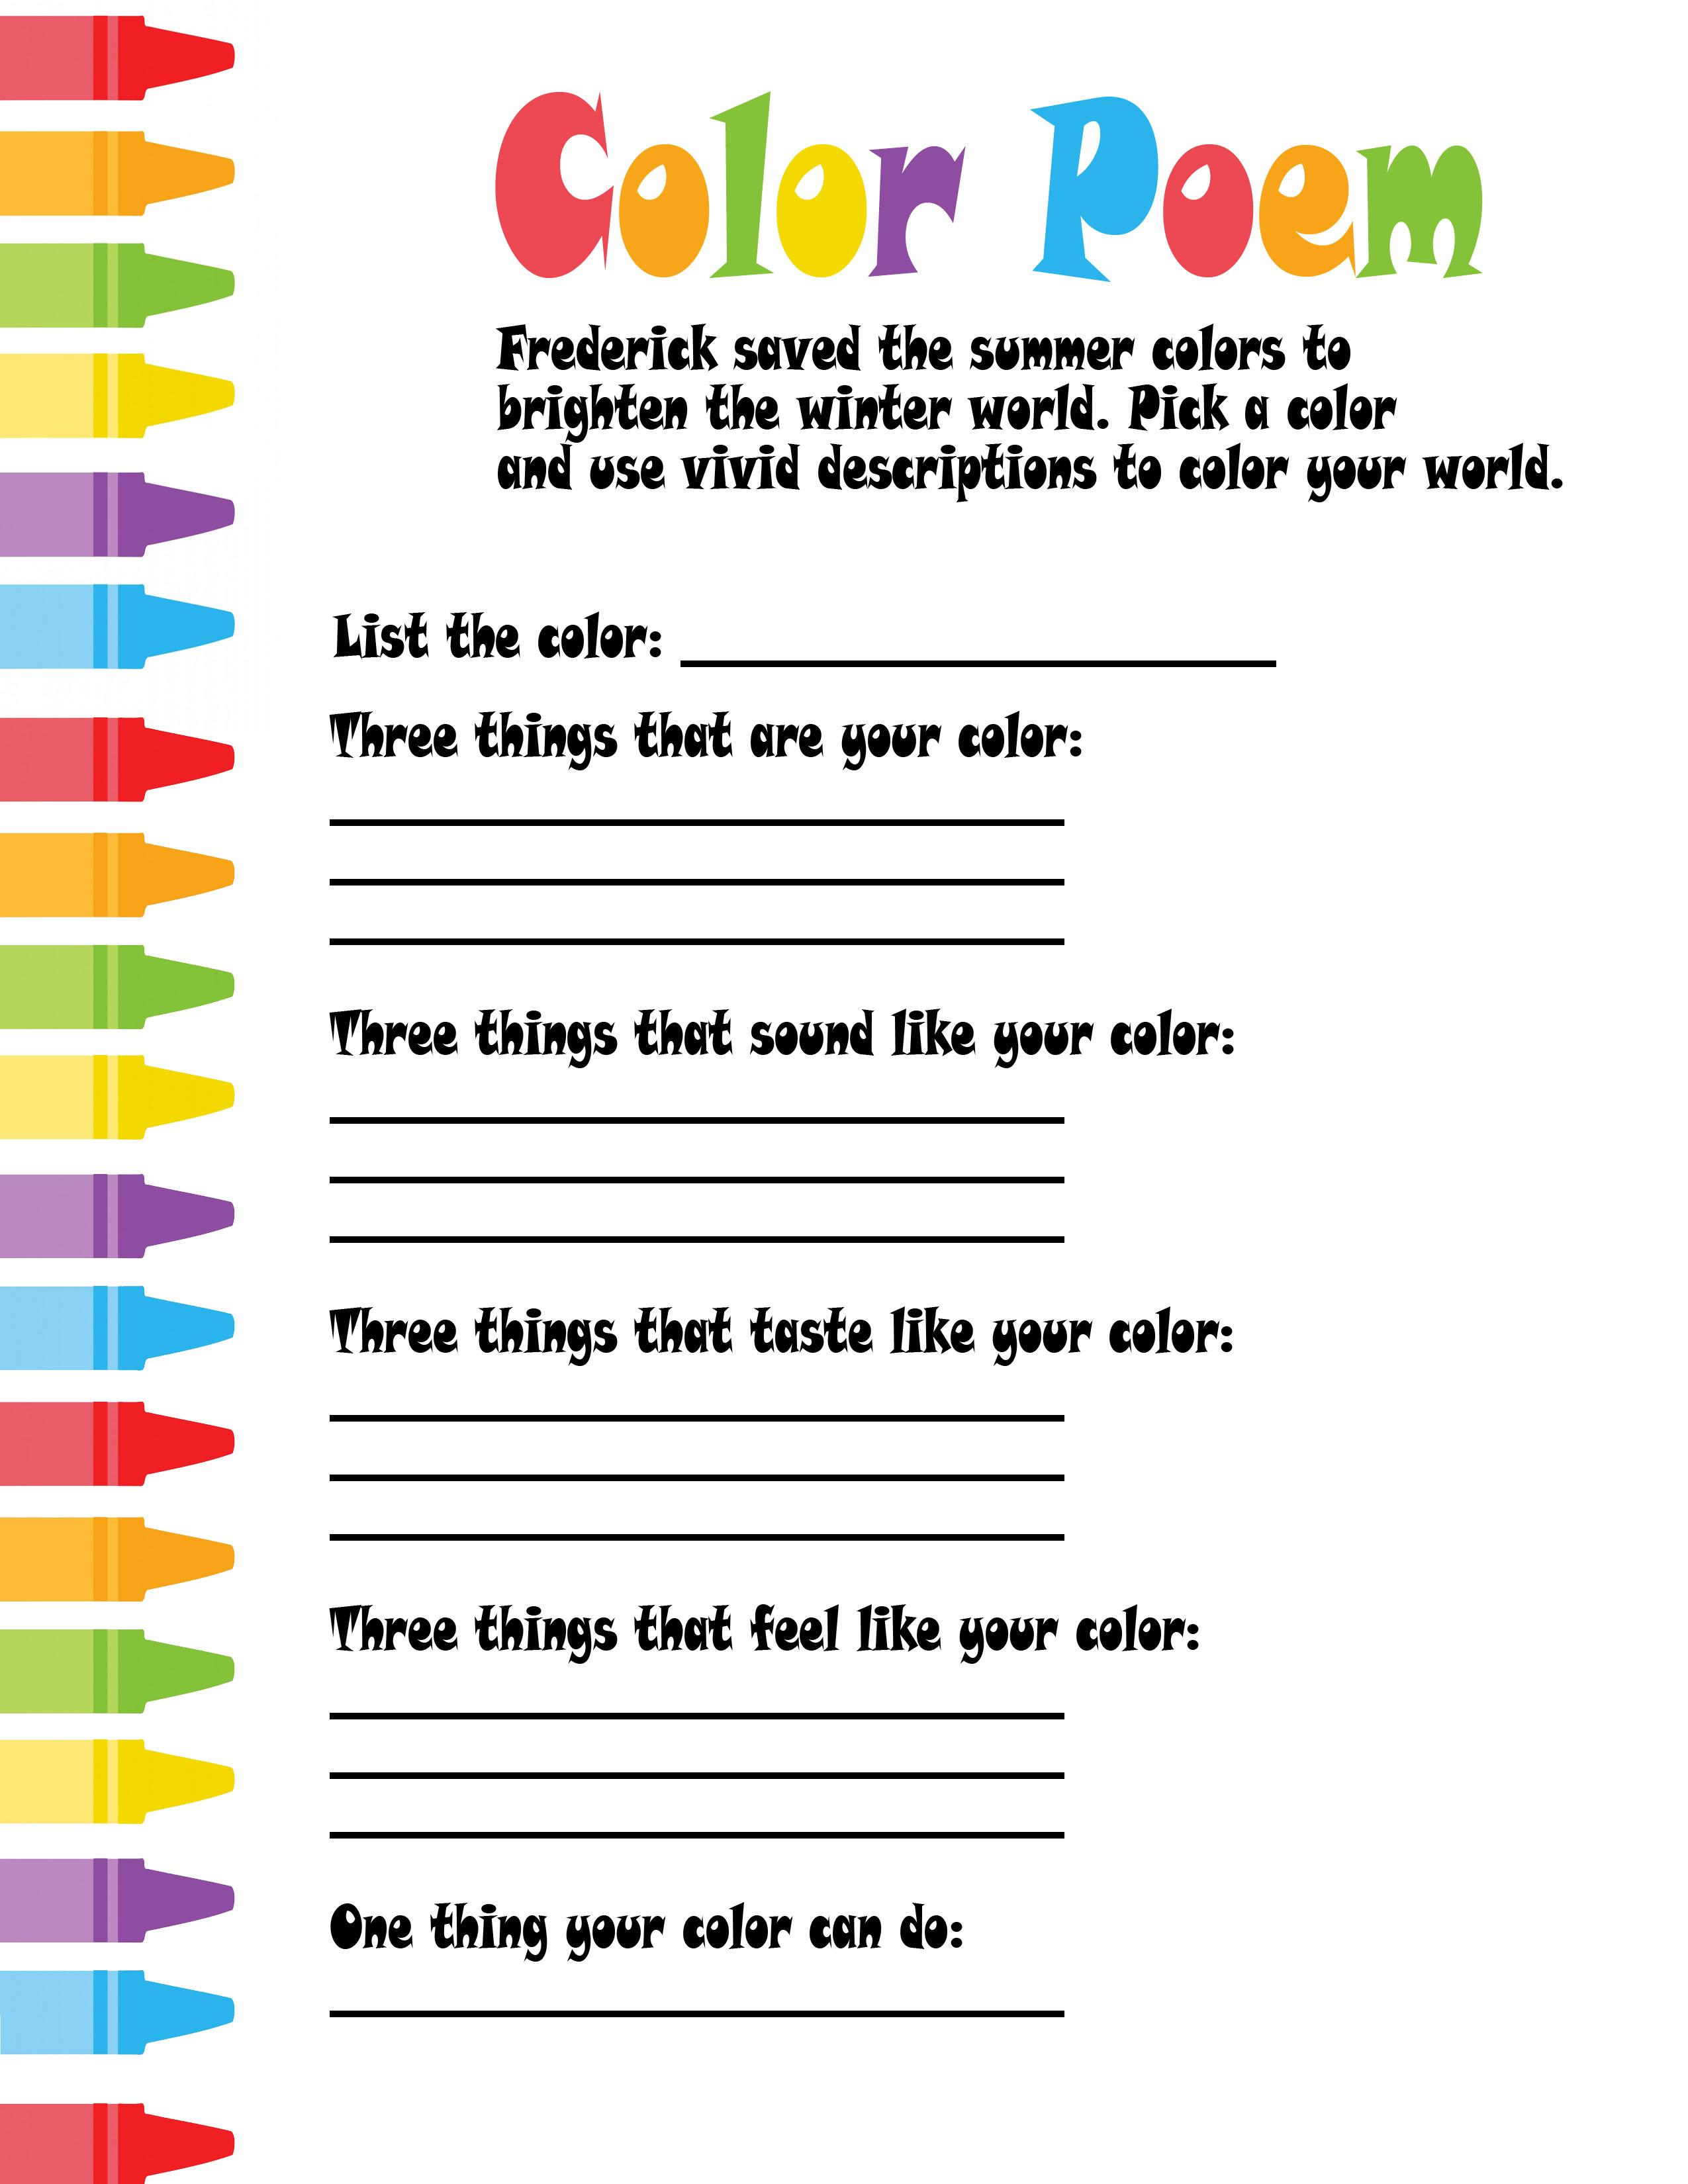 Colors Poems